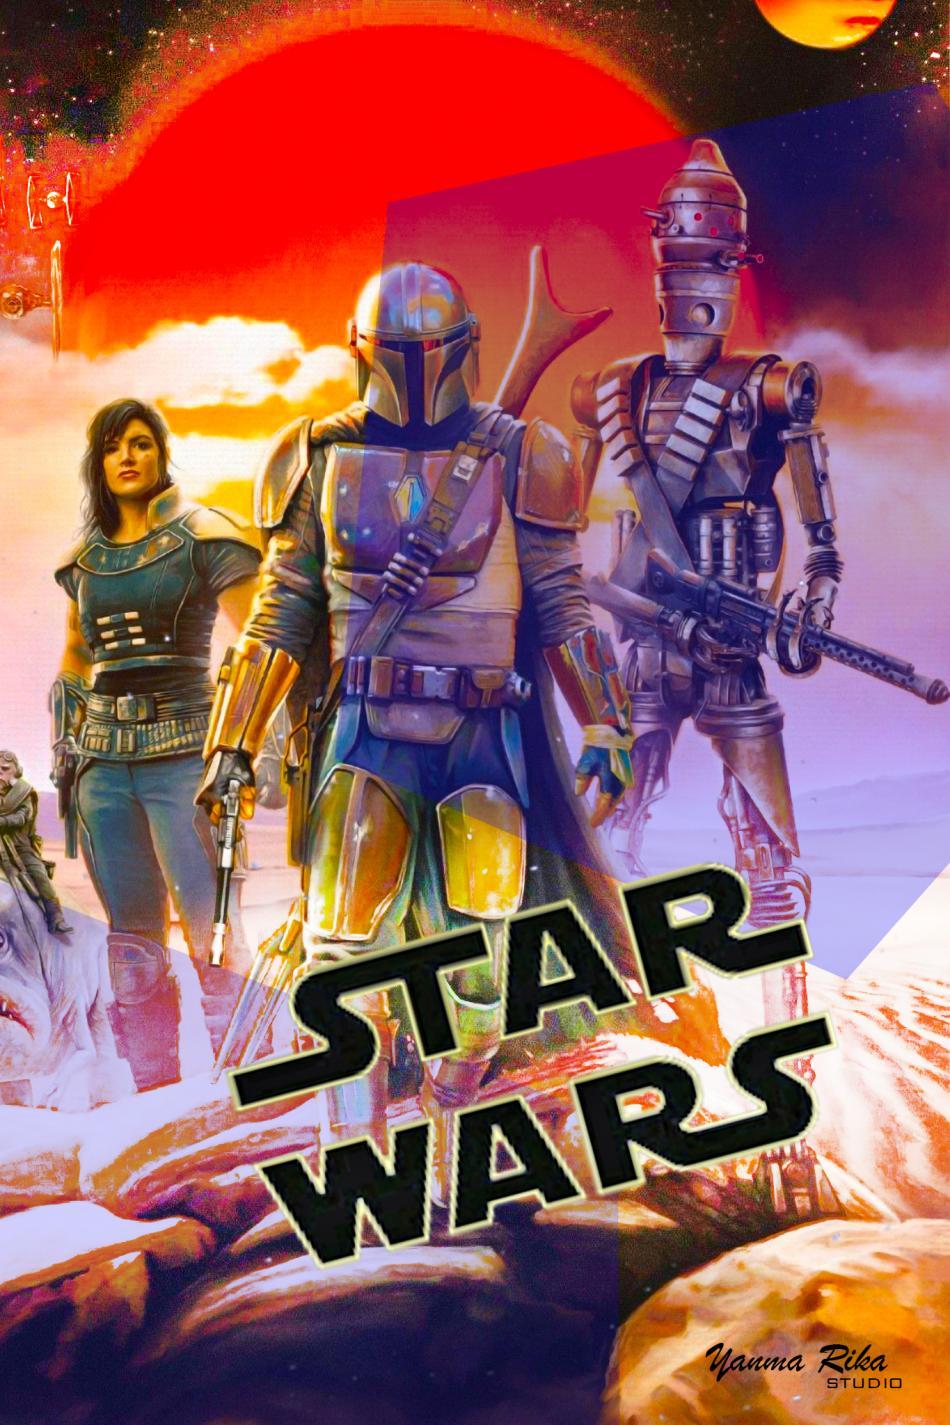 Star Wars, Icon Generasi Milenial